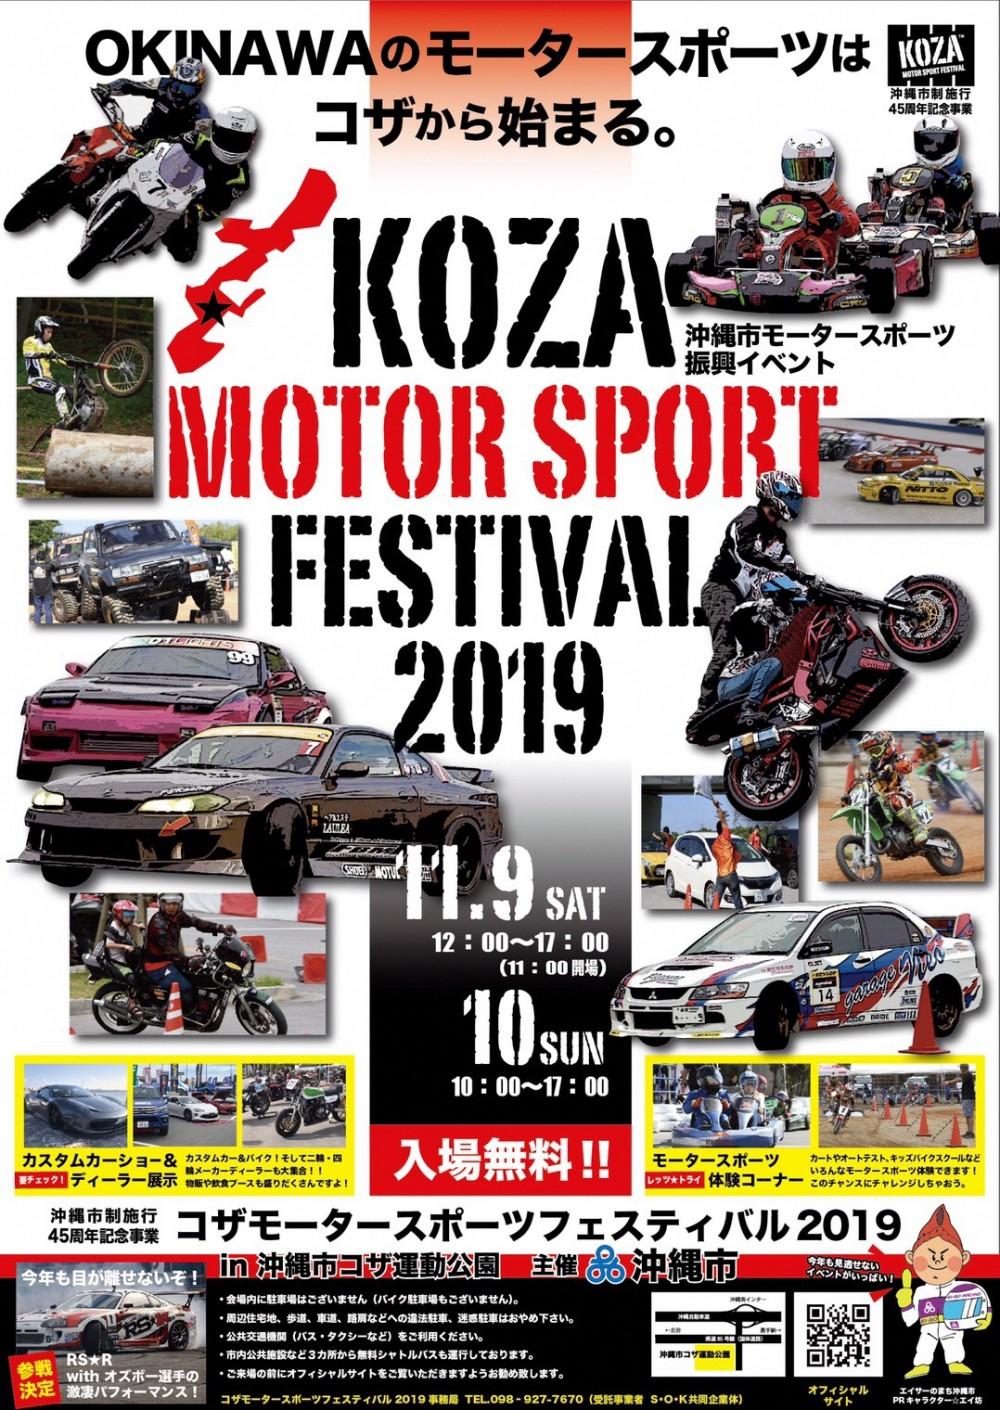 コザモータースポーツフェスティバル2019